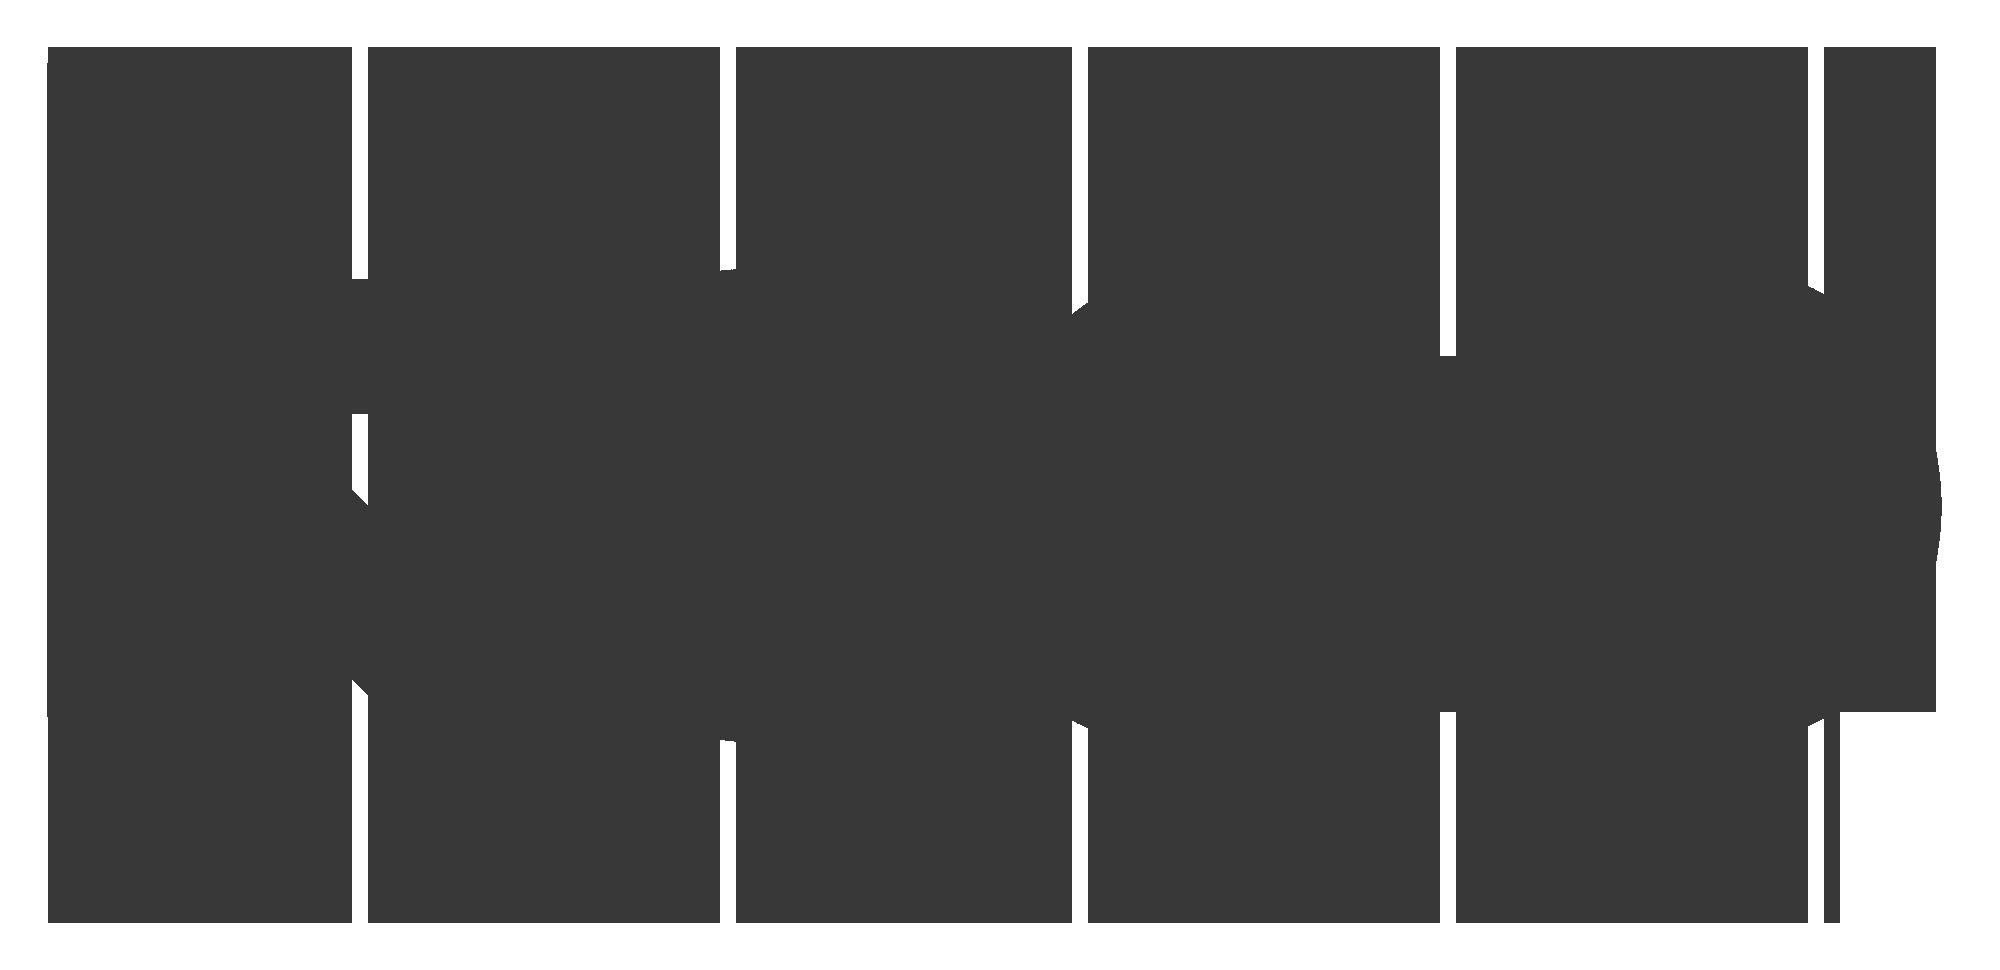 keap_logo-Gray